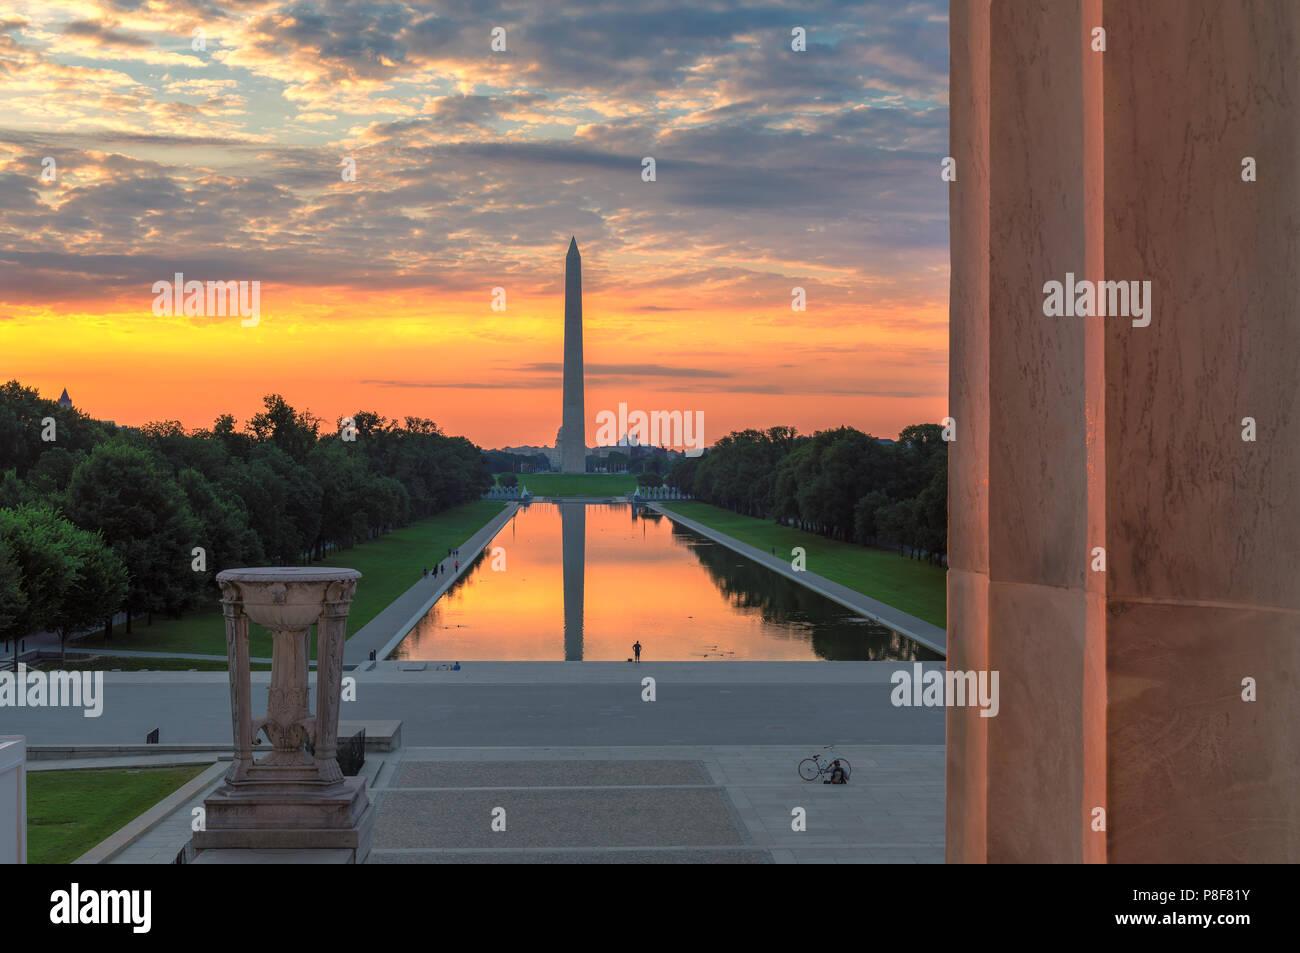 Desde el Monumento a Washington, el Lincoln Memorial, al amanecer. Imagen De Stock